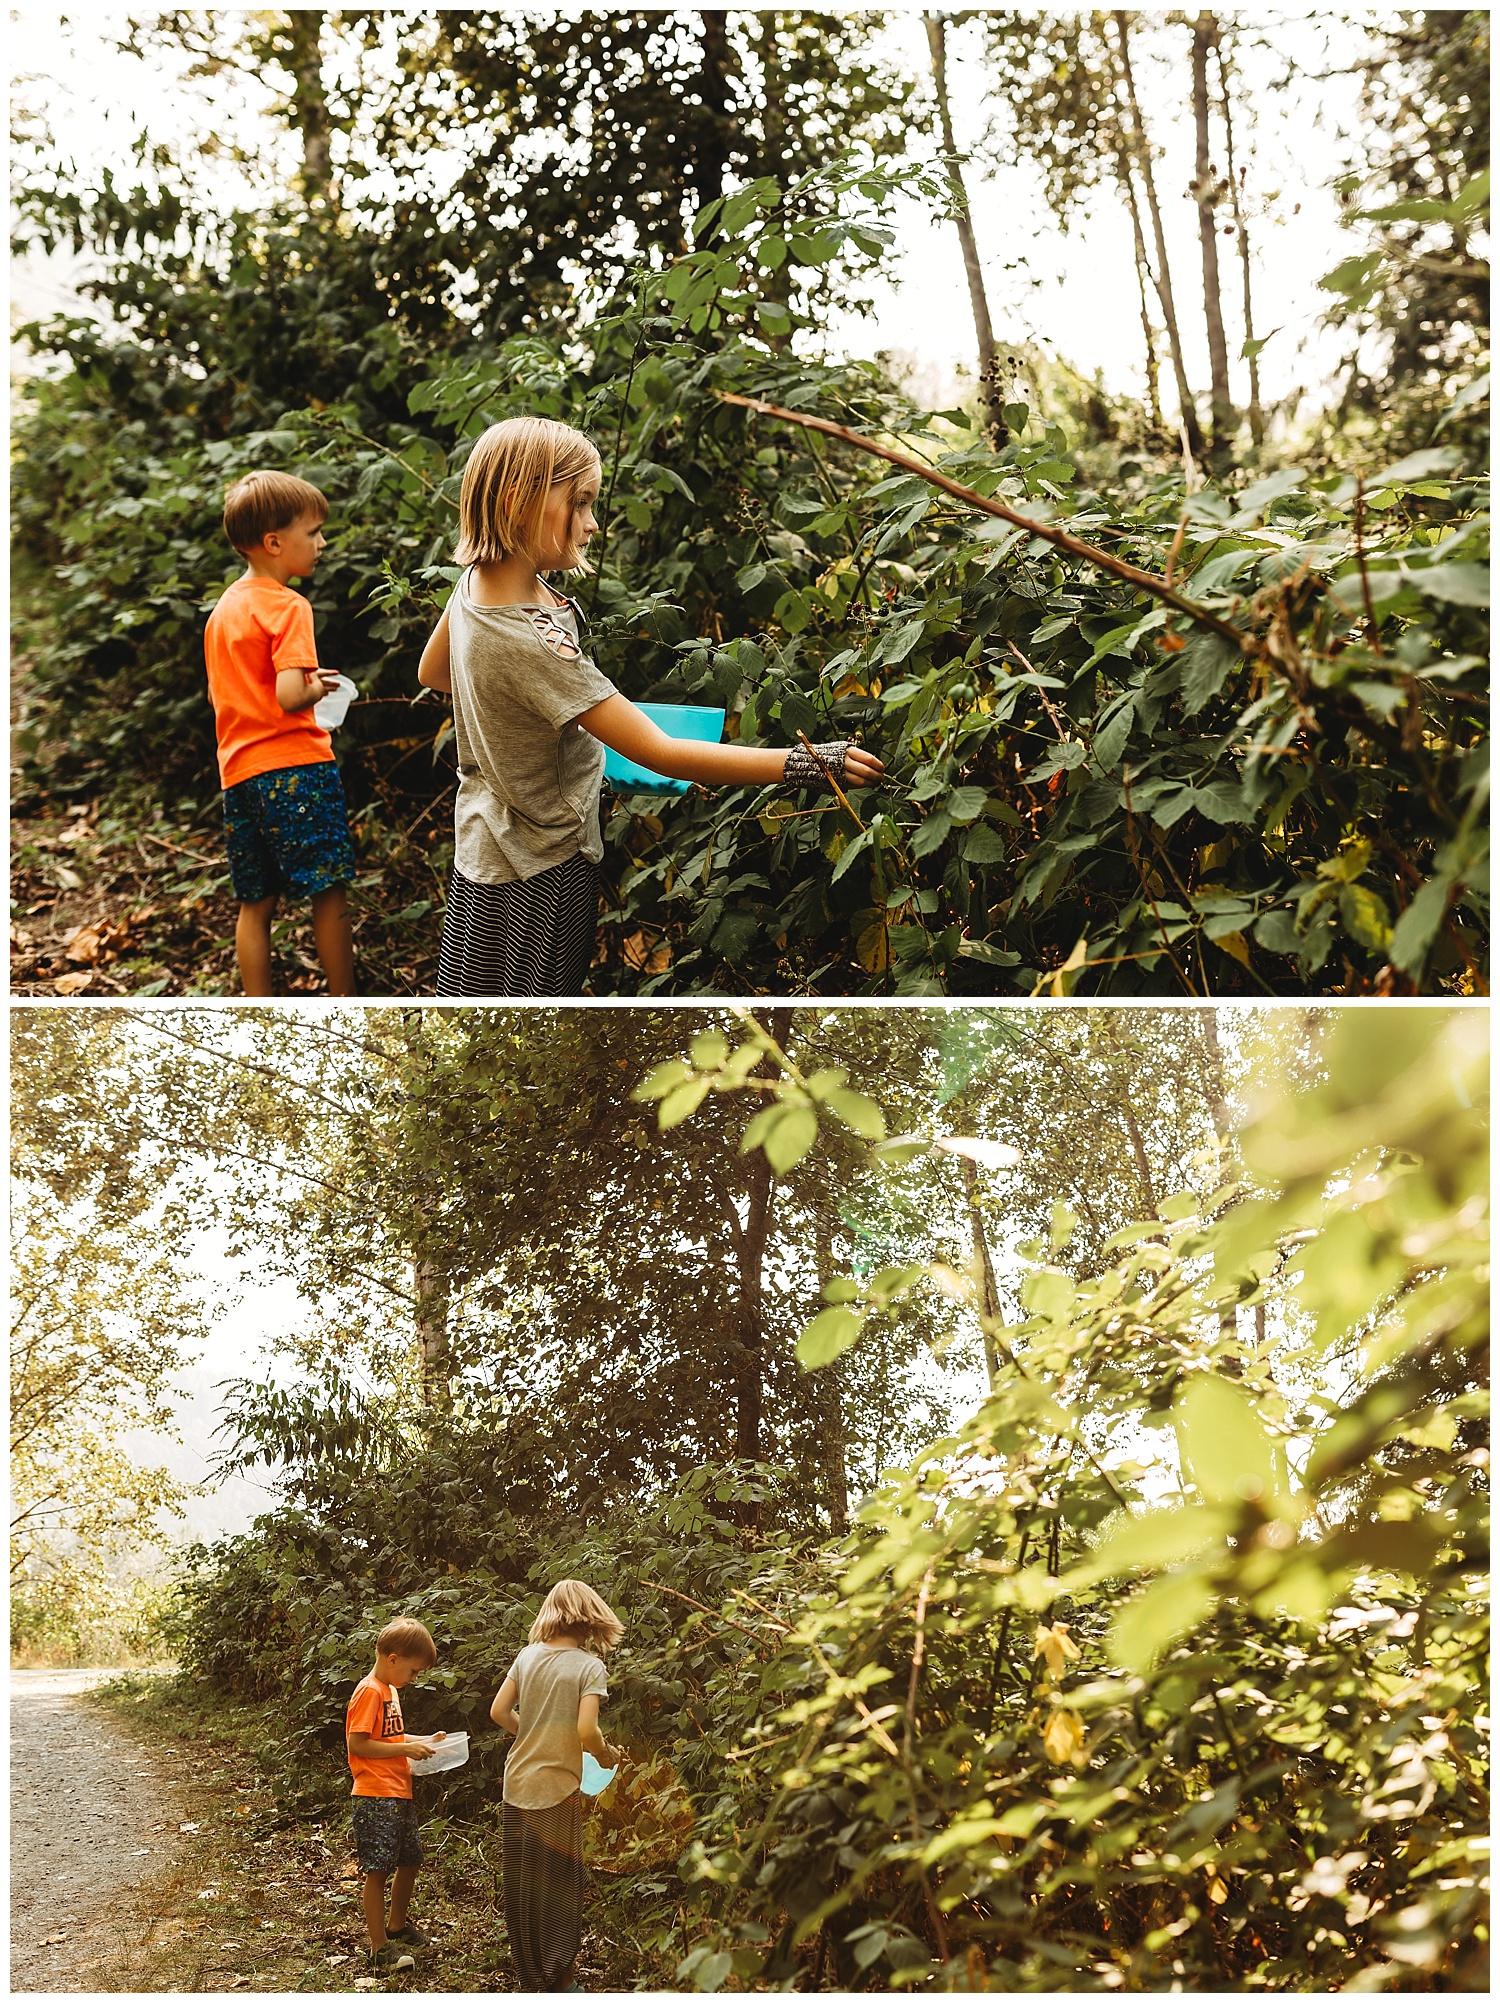 Blackberries Vedder River.jpg